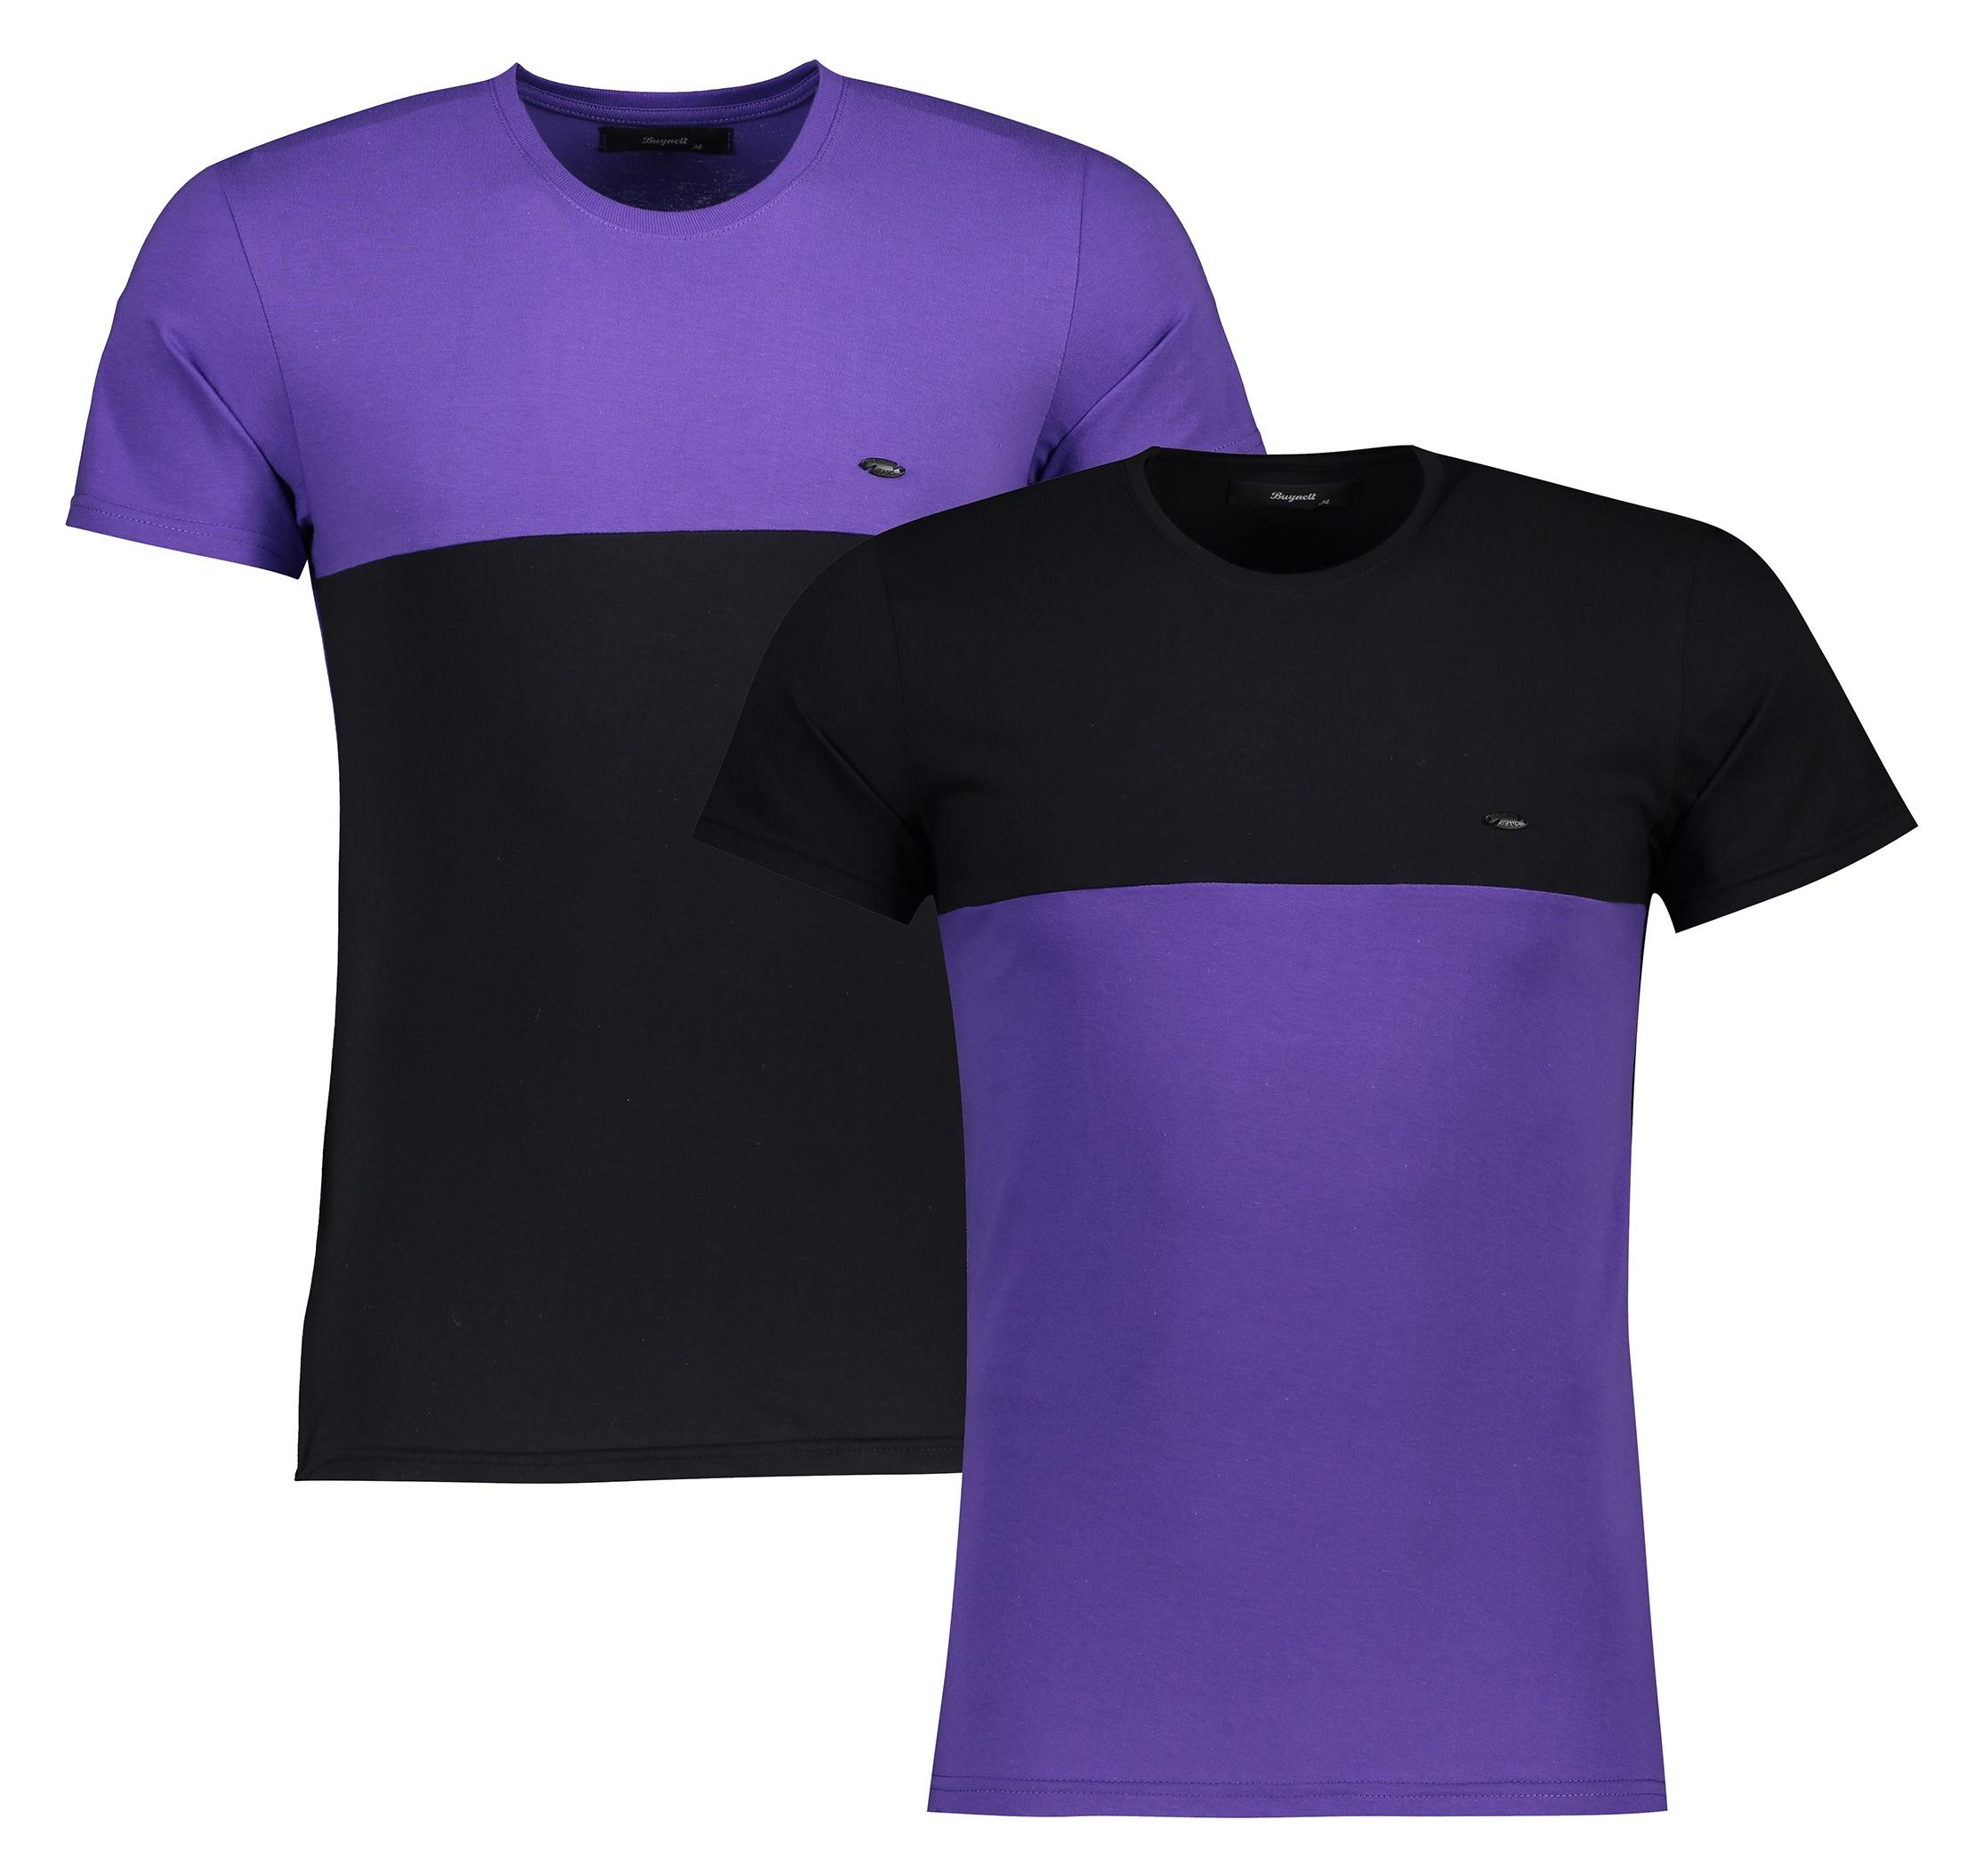 تی شرت آستین کوتاه مردانه بای نت کد 318-2 btt L مجموعه 2 عددی